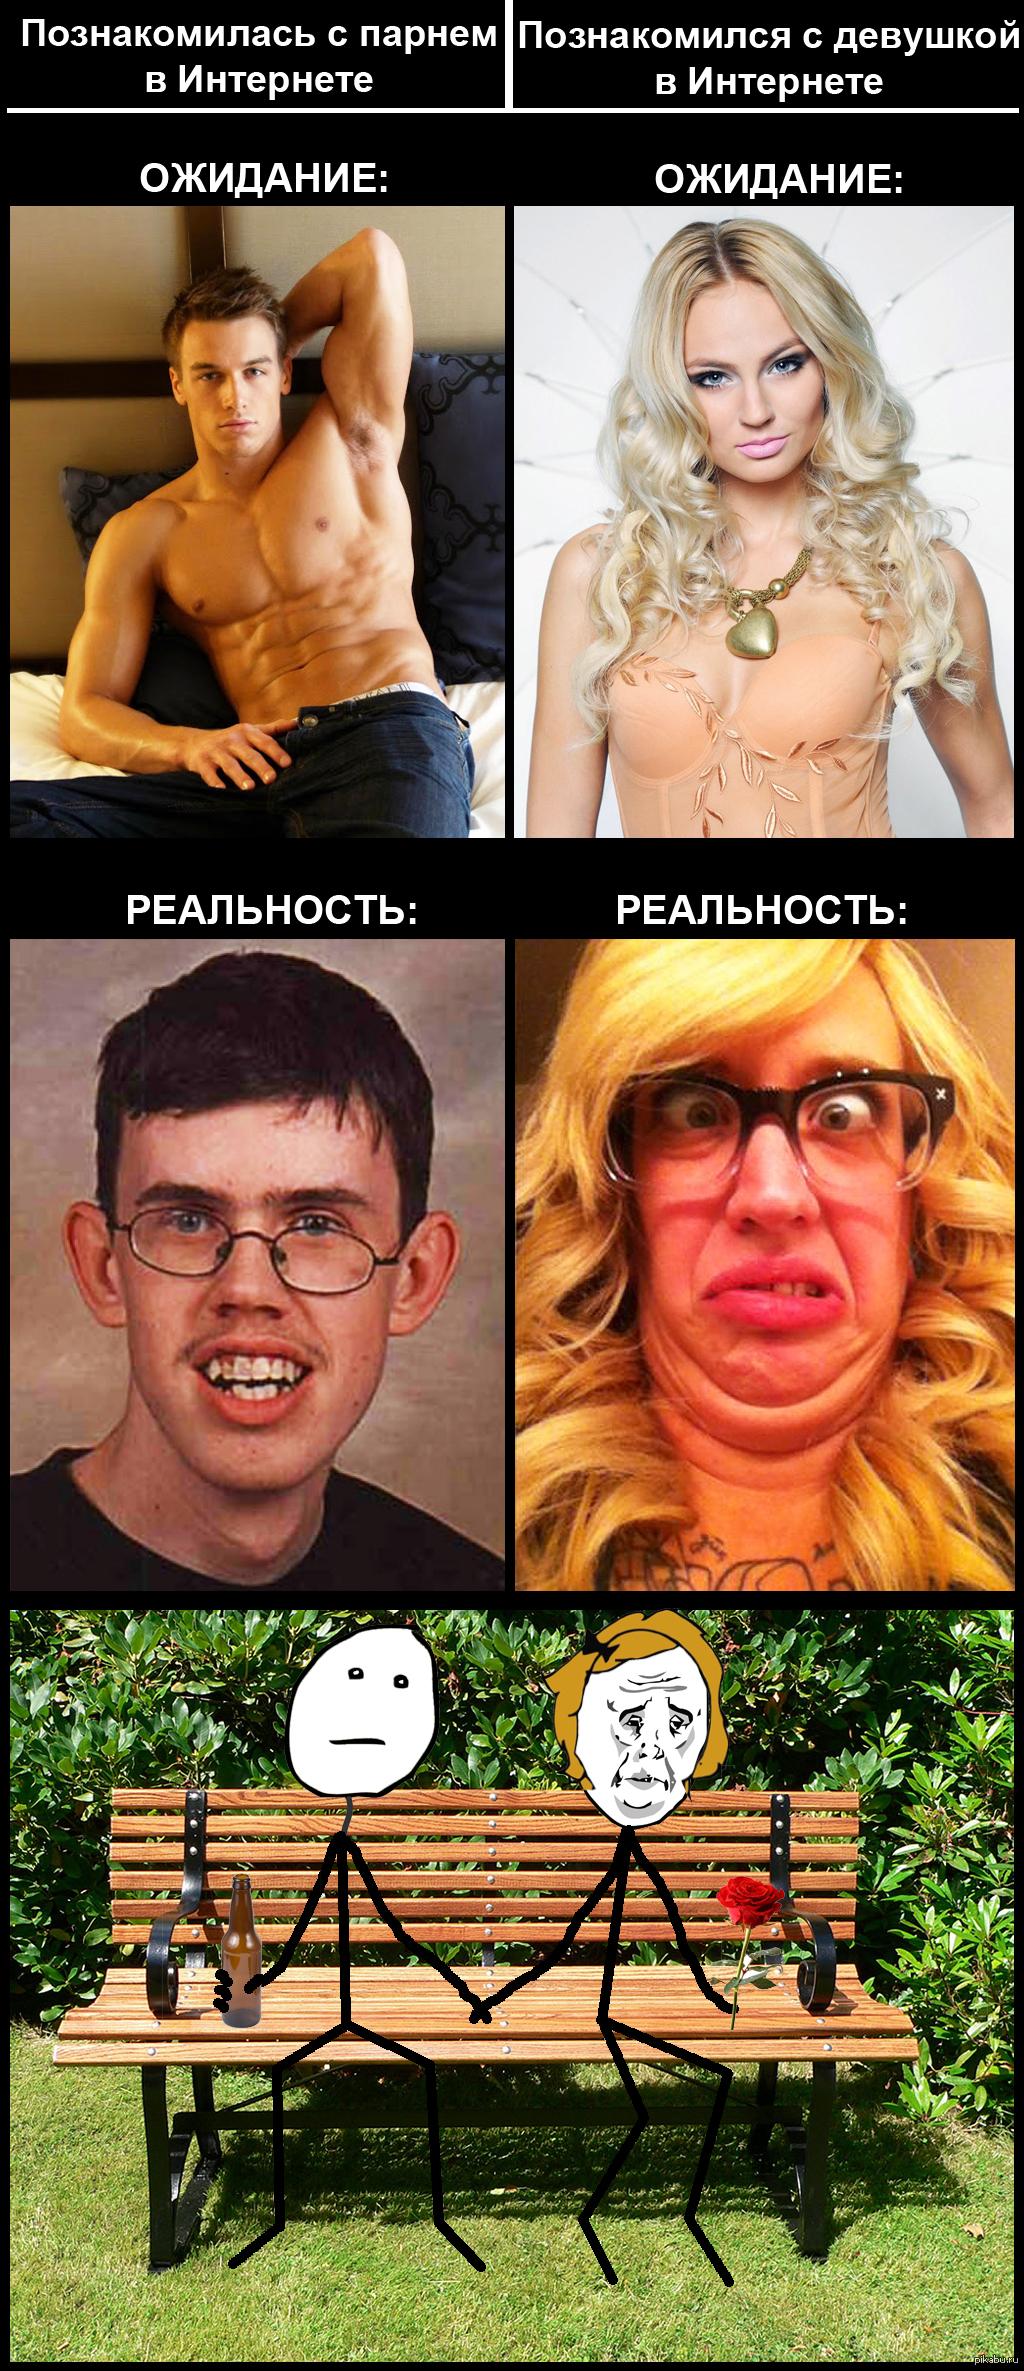 Фотоприколы знакомства по интернету